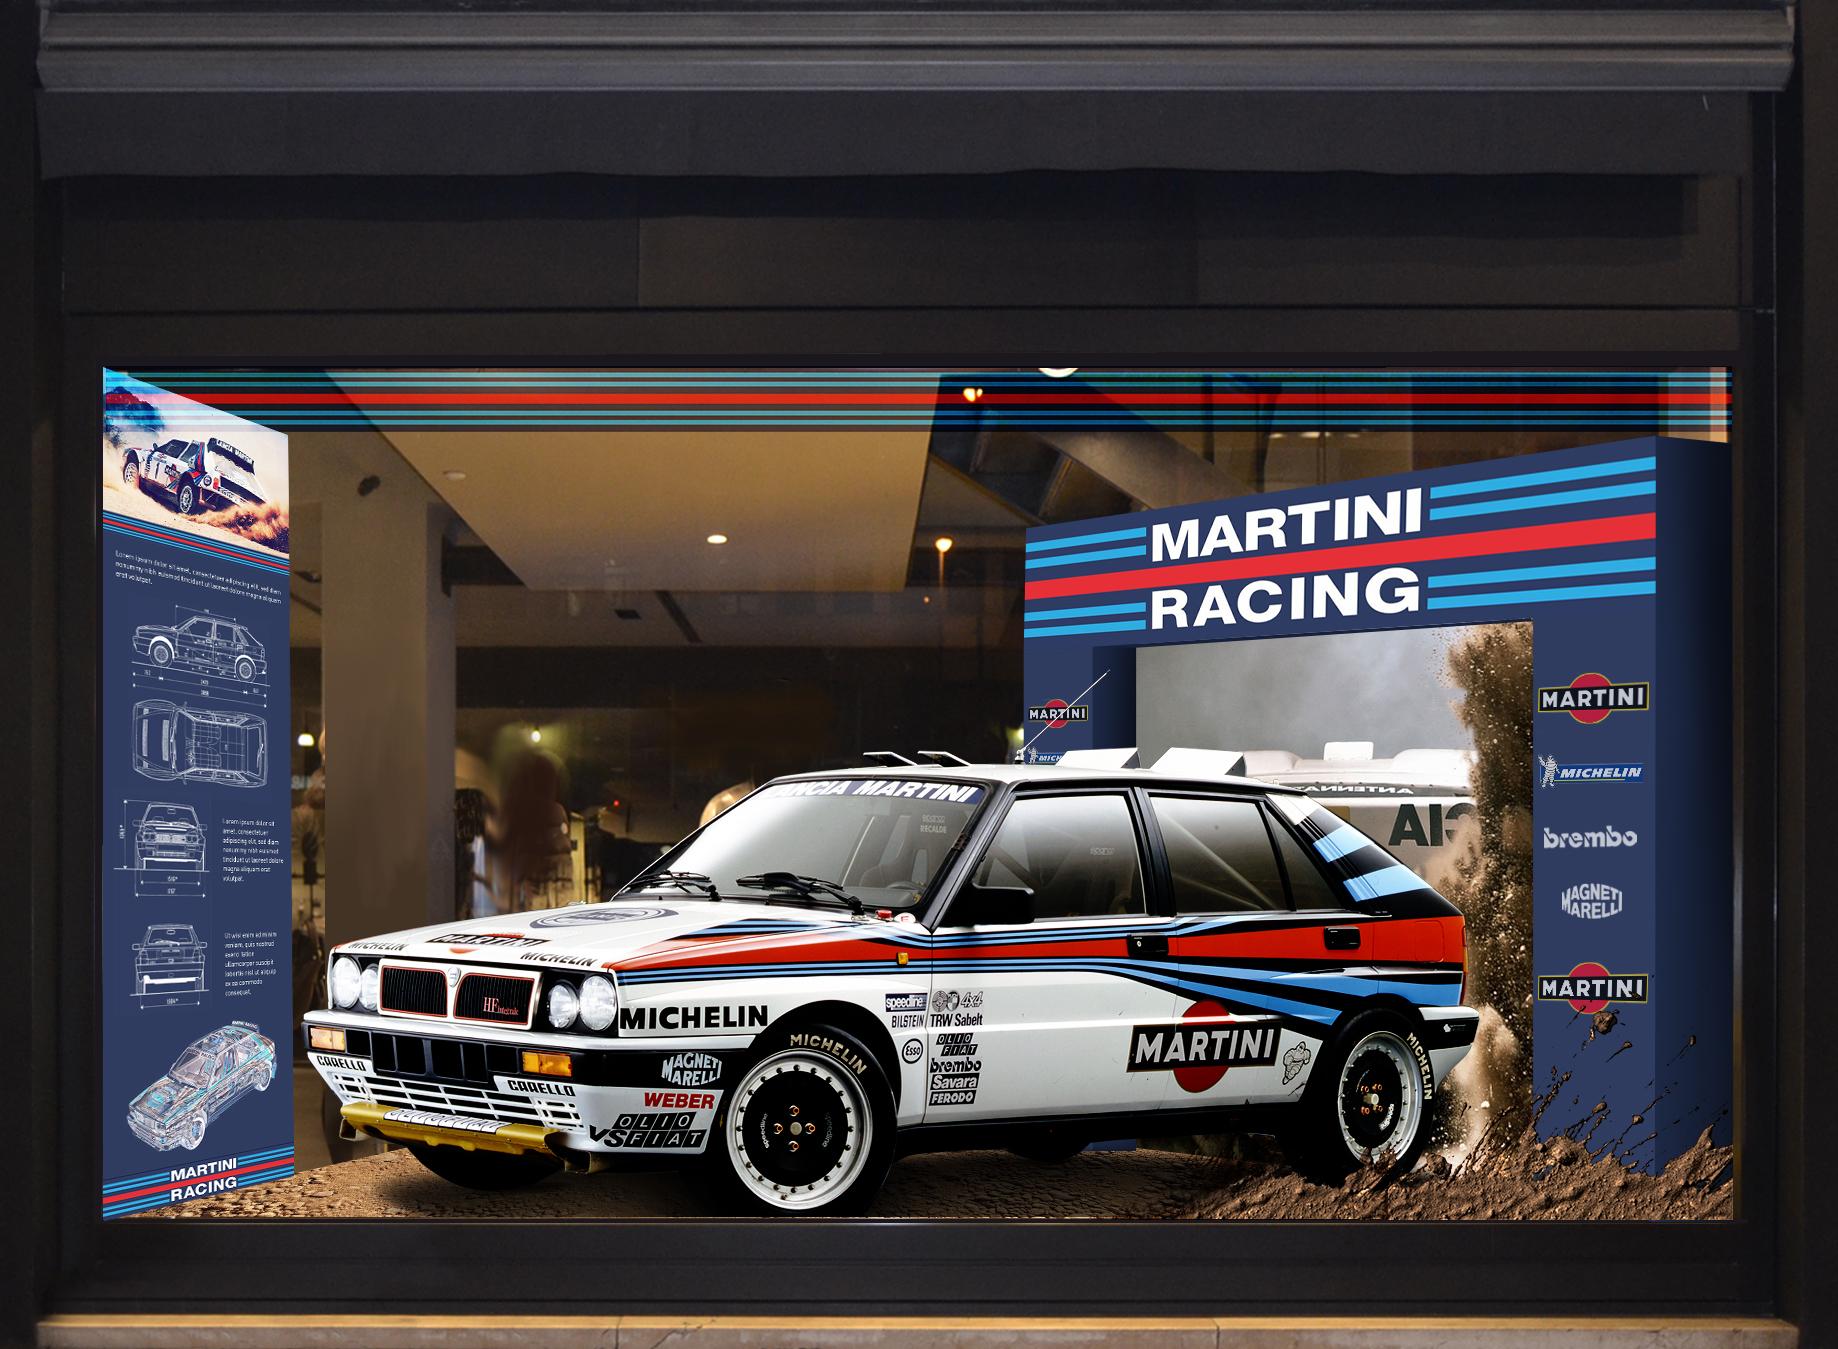 Martini racing setup